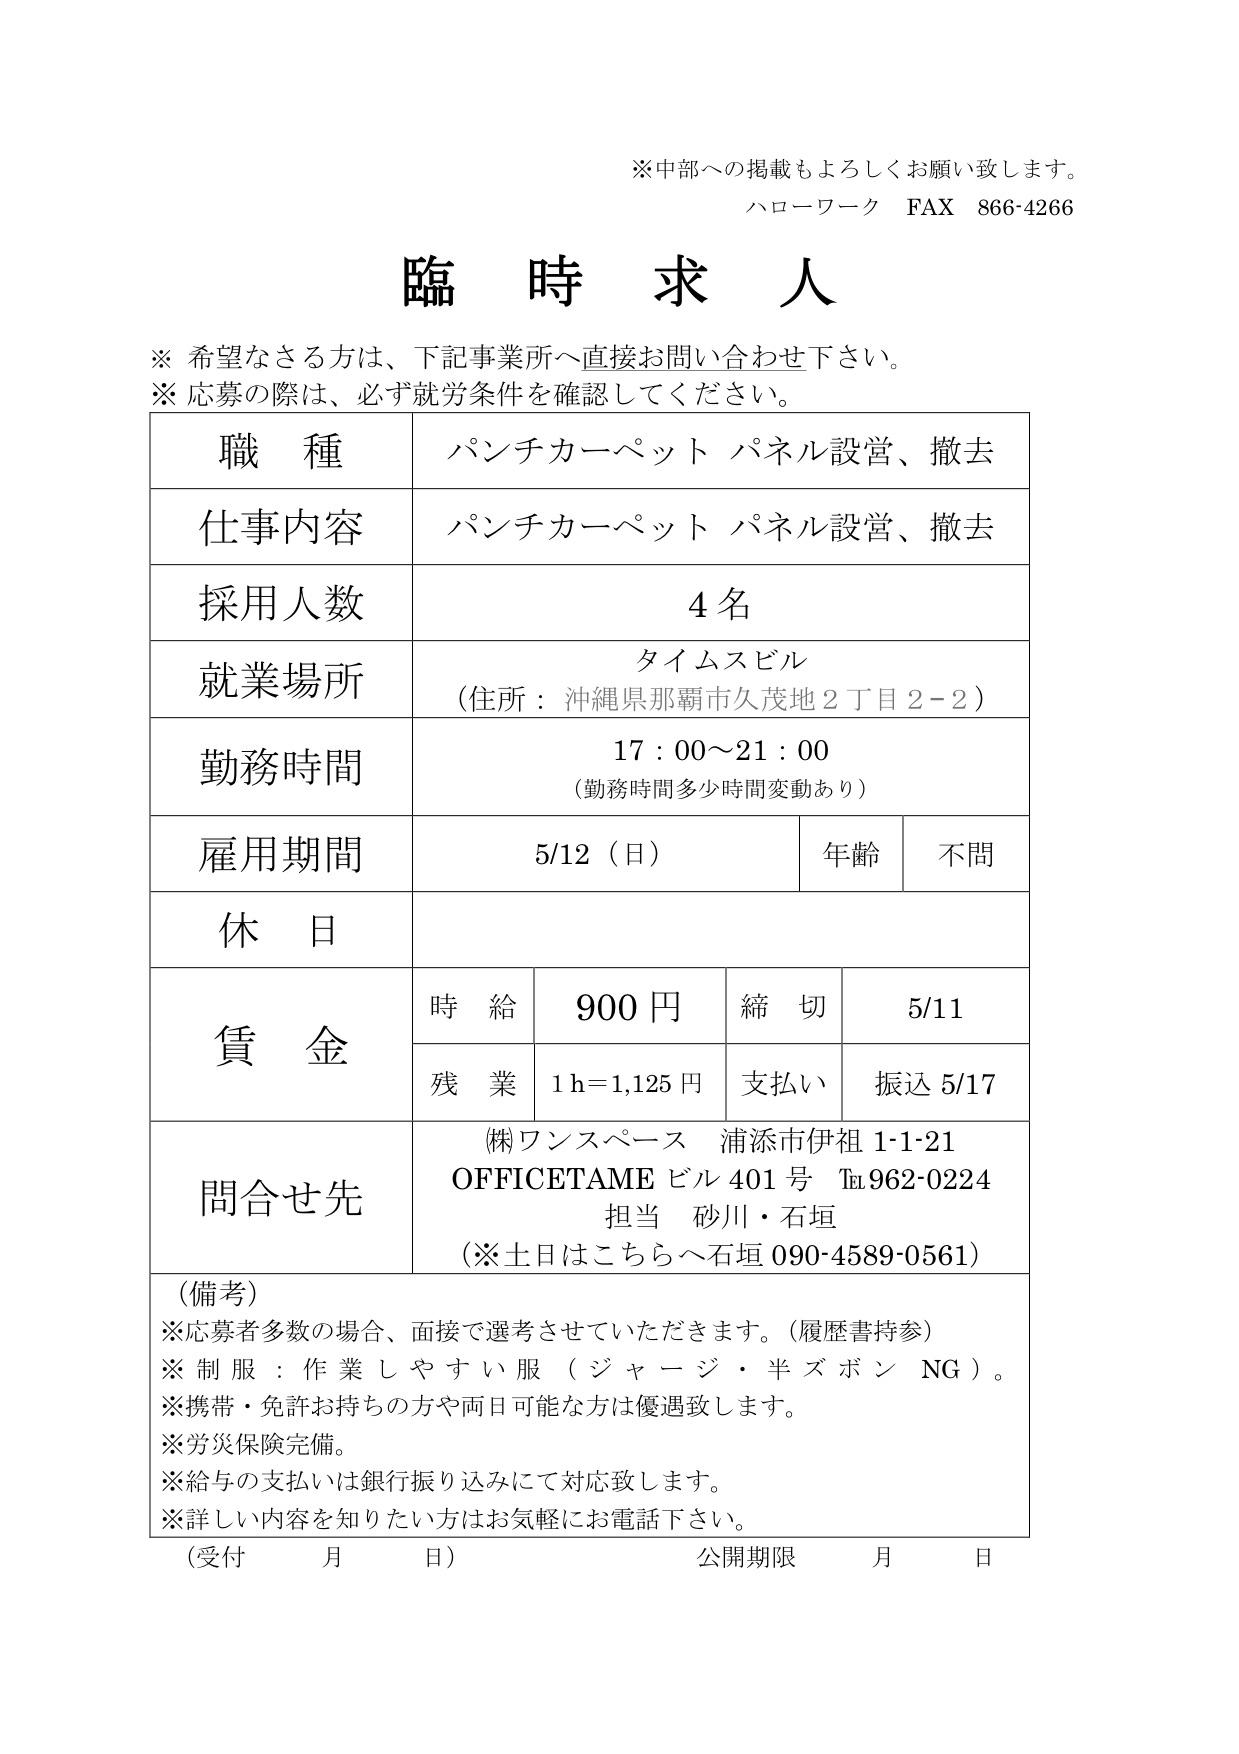 ハローワーク那覇A(臨時求人)2019.5.10